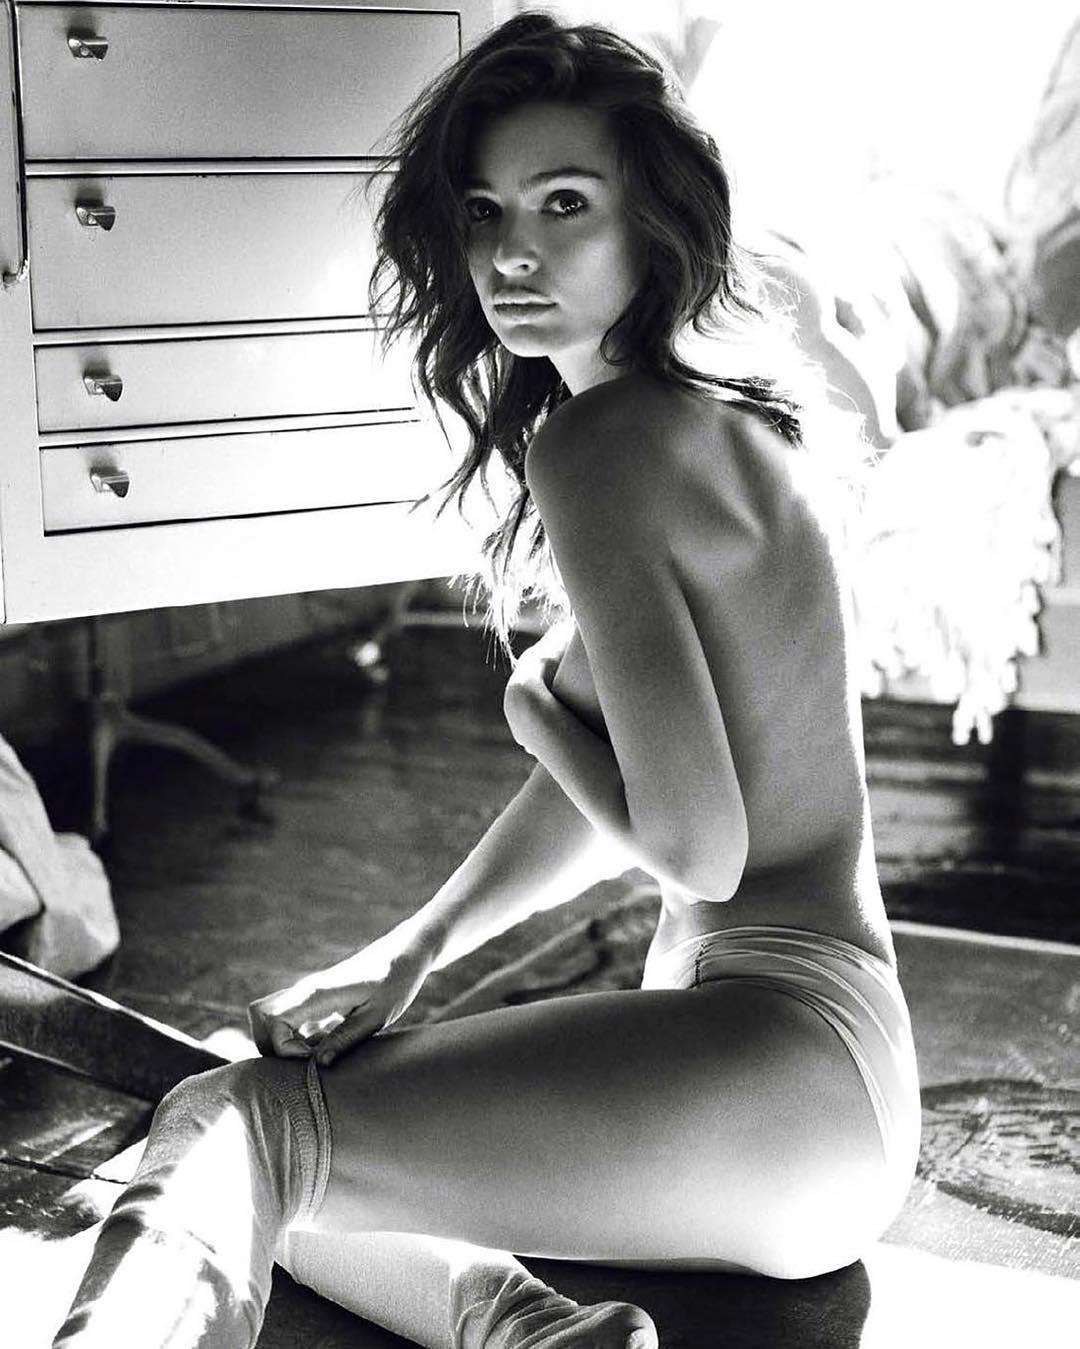 Emily Ratajkowski é a maior defensora da exposição corporal feminina